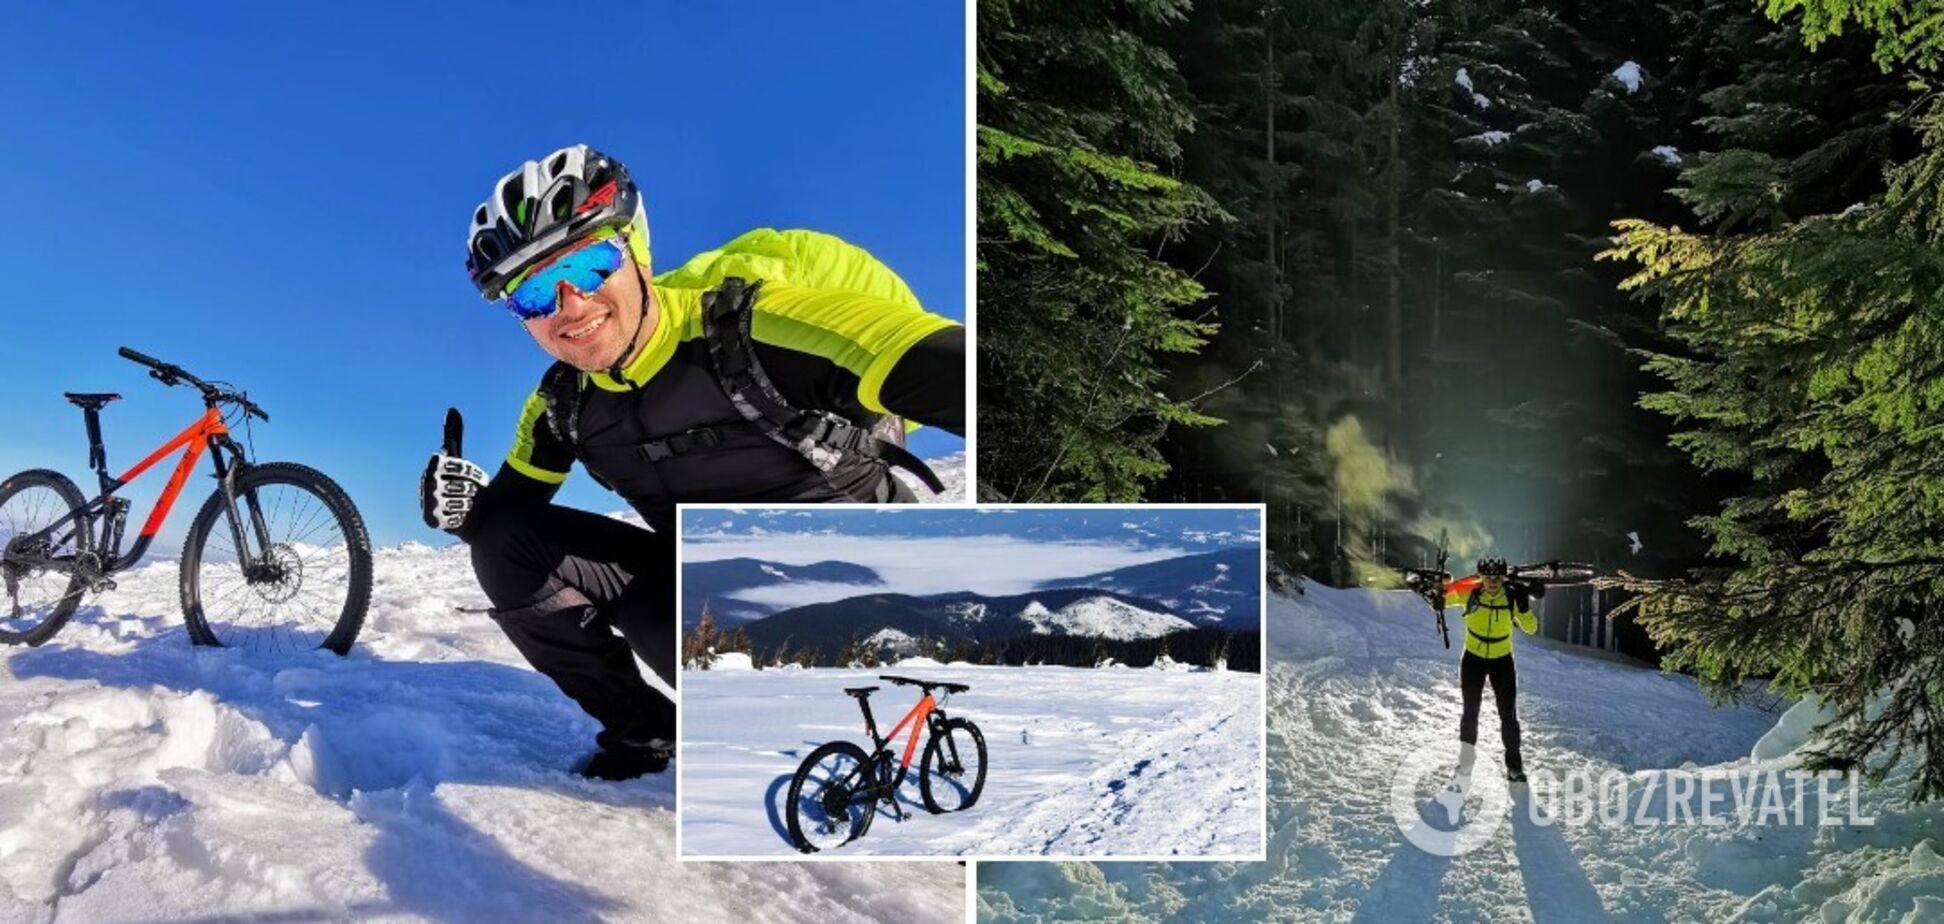 Українець велосипедом піднявся на засніжену Говерлу